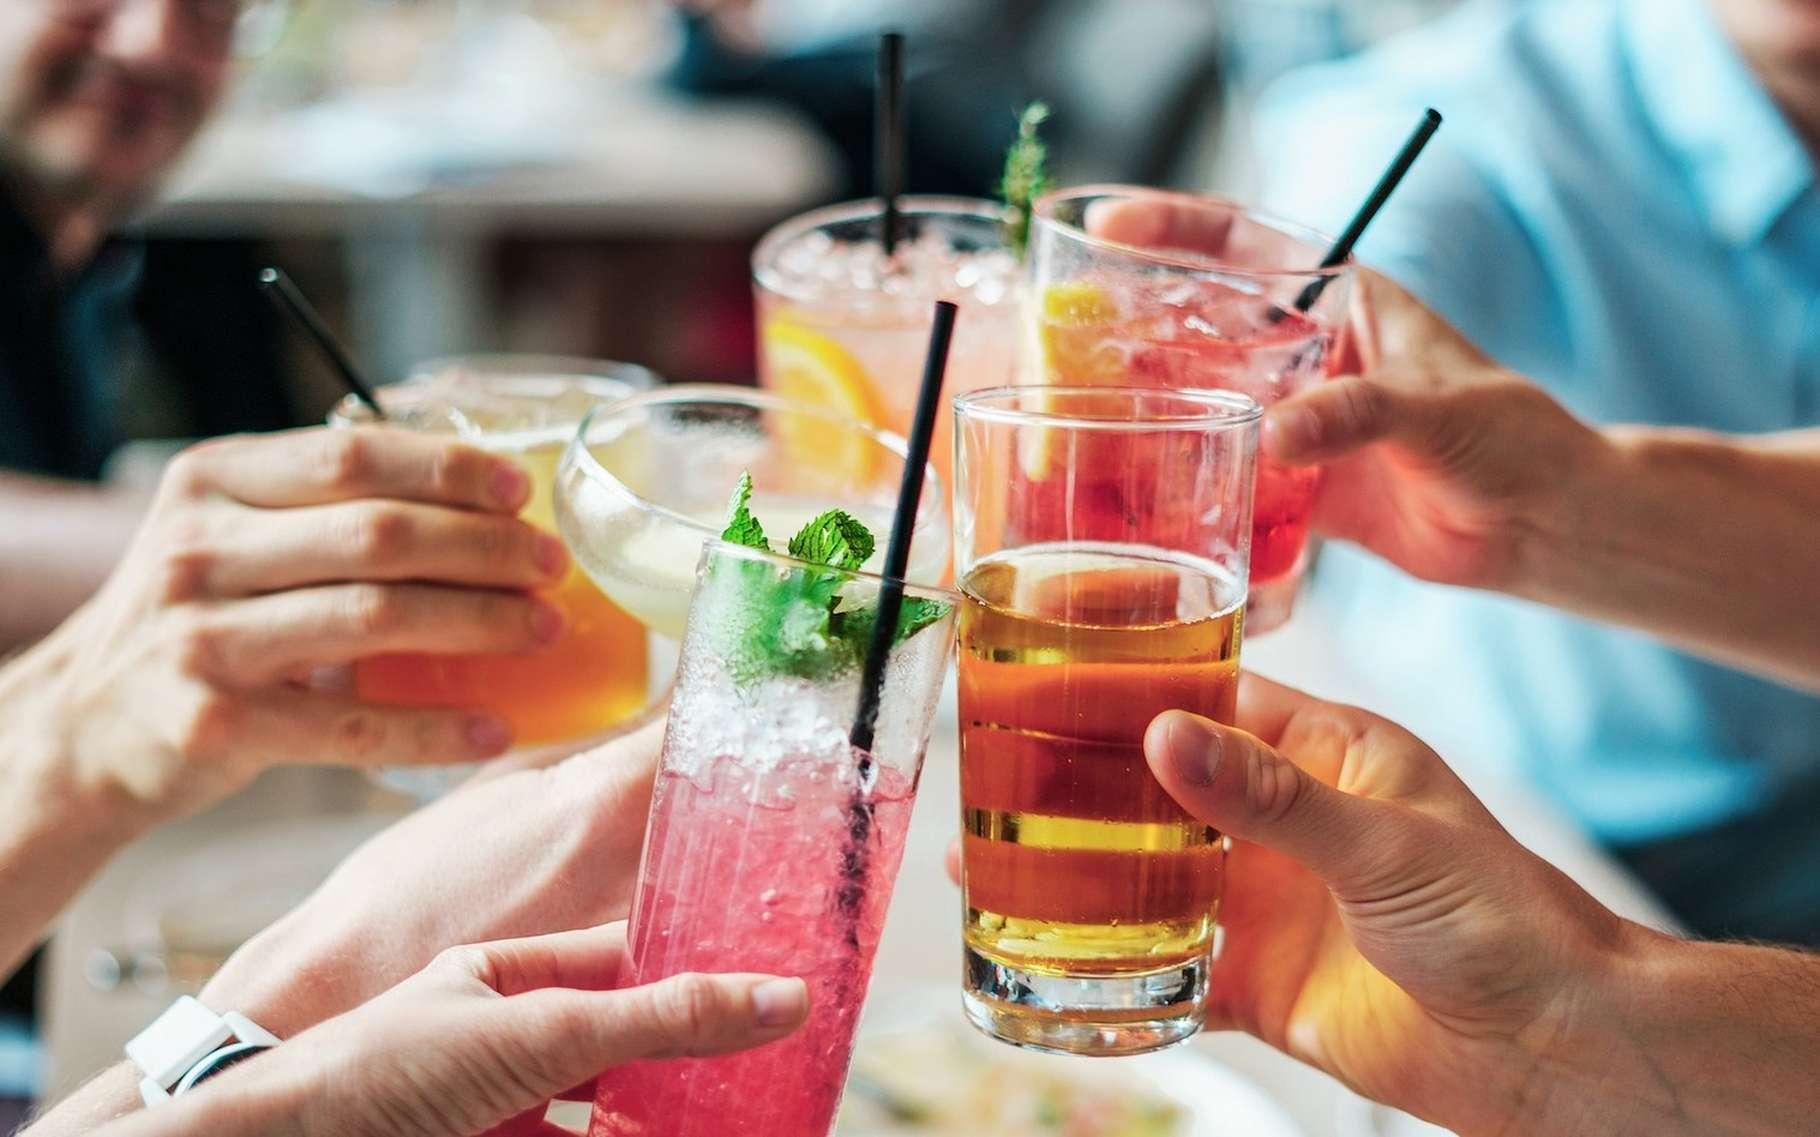 Une équipe de chercheurs a étudié la façon dont les molécules et les gènes réagissent face à la conservation des souvenirs liés au mécanisme de récompense lorsque l'on consomme de l'alcool. © bridgesward, Pixabay, CC0 Creative Commons